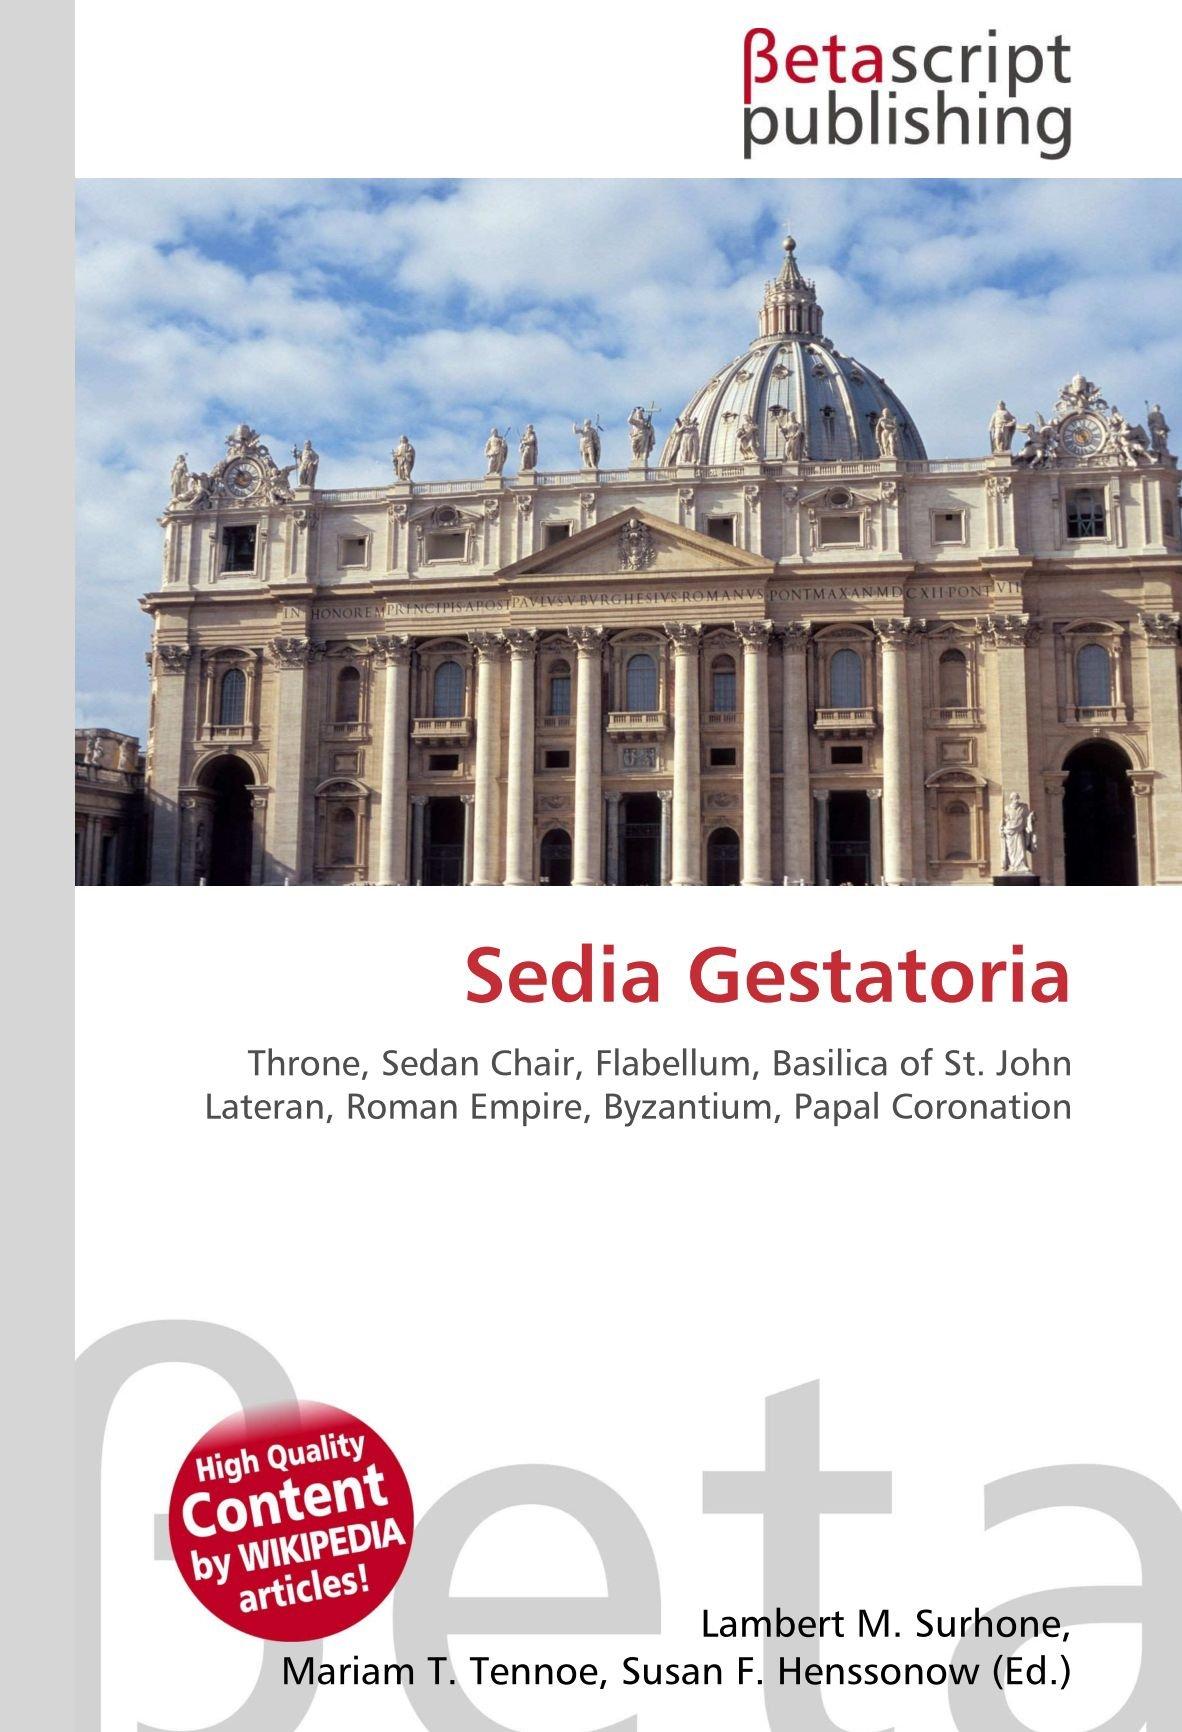 Amazon.it: Sedia Gestatoria: Throne, Sedan Chair, Flabellum